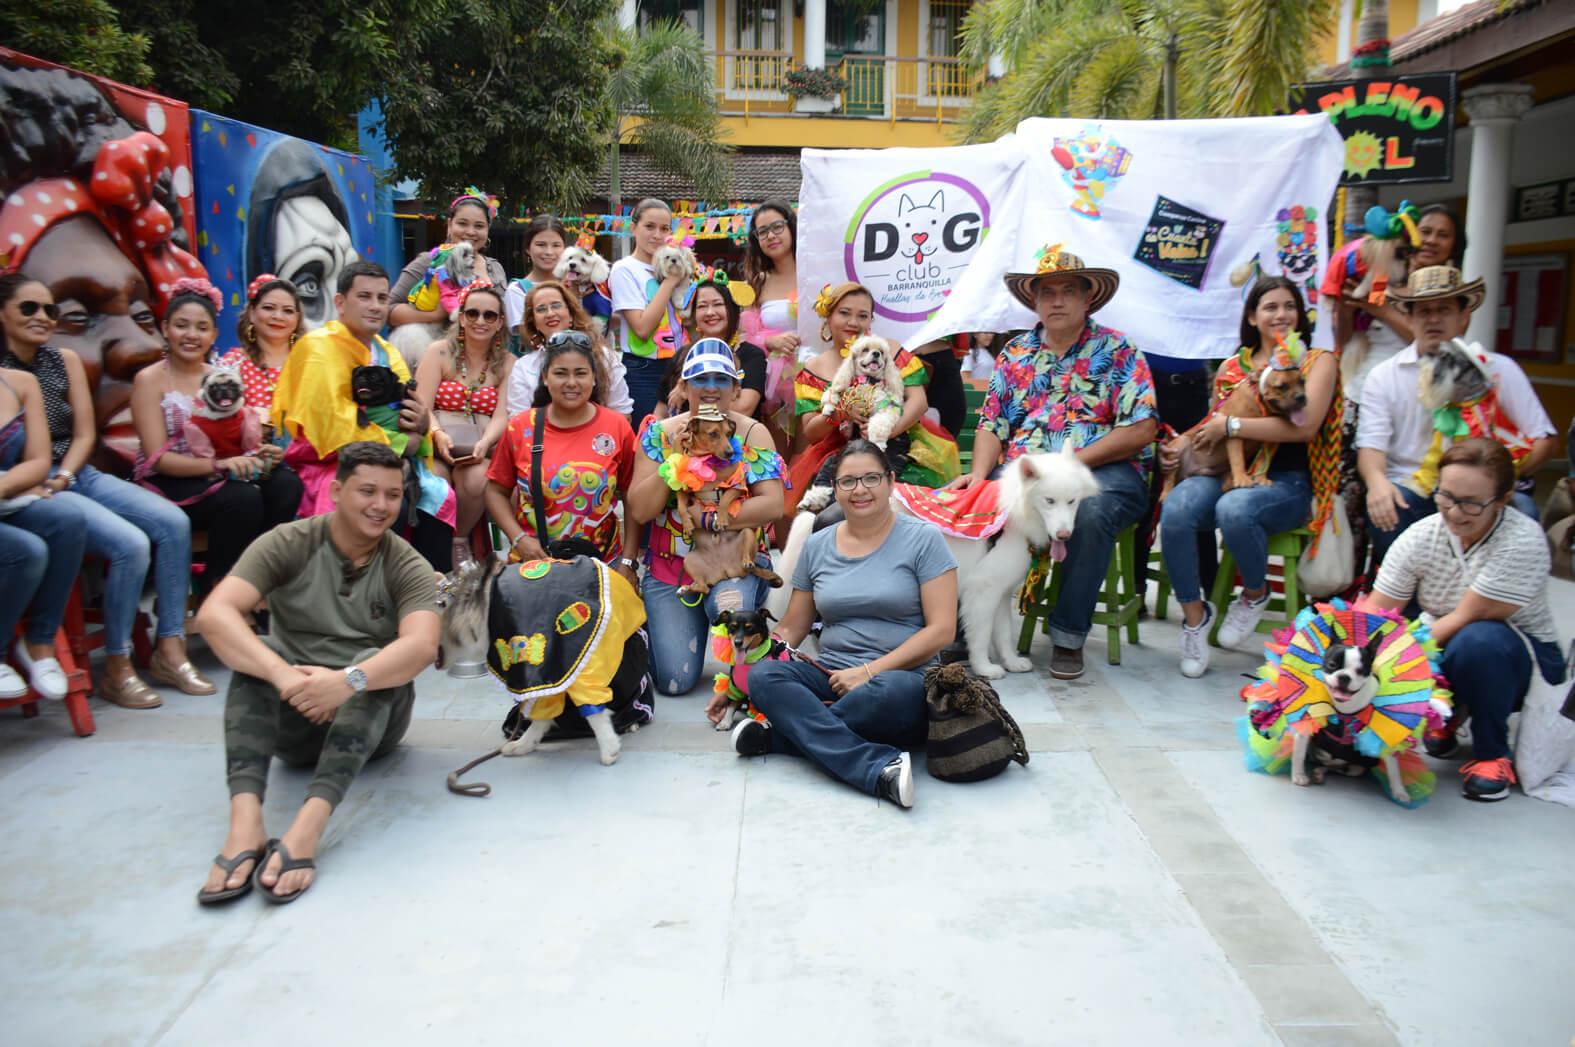 Las mascotas tienen un espacio en el Carnaval de Barranquilla